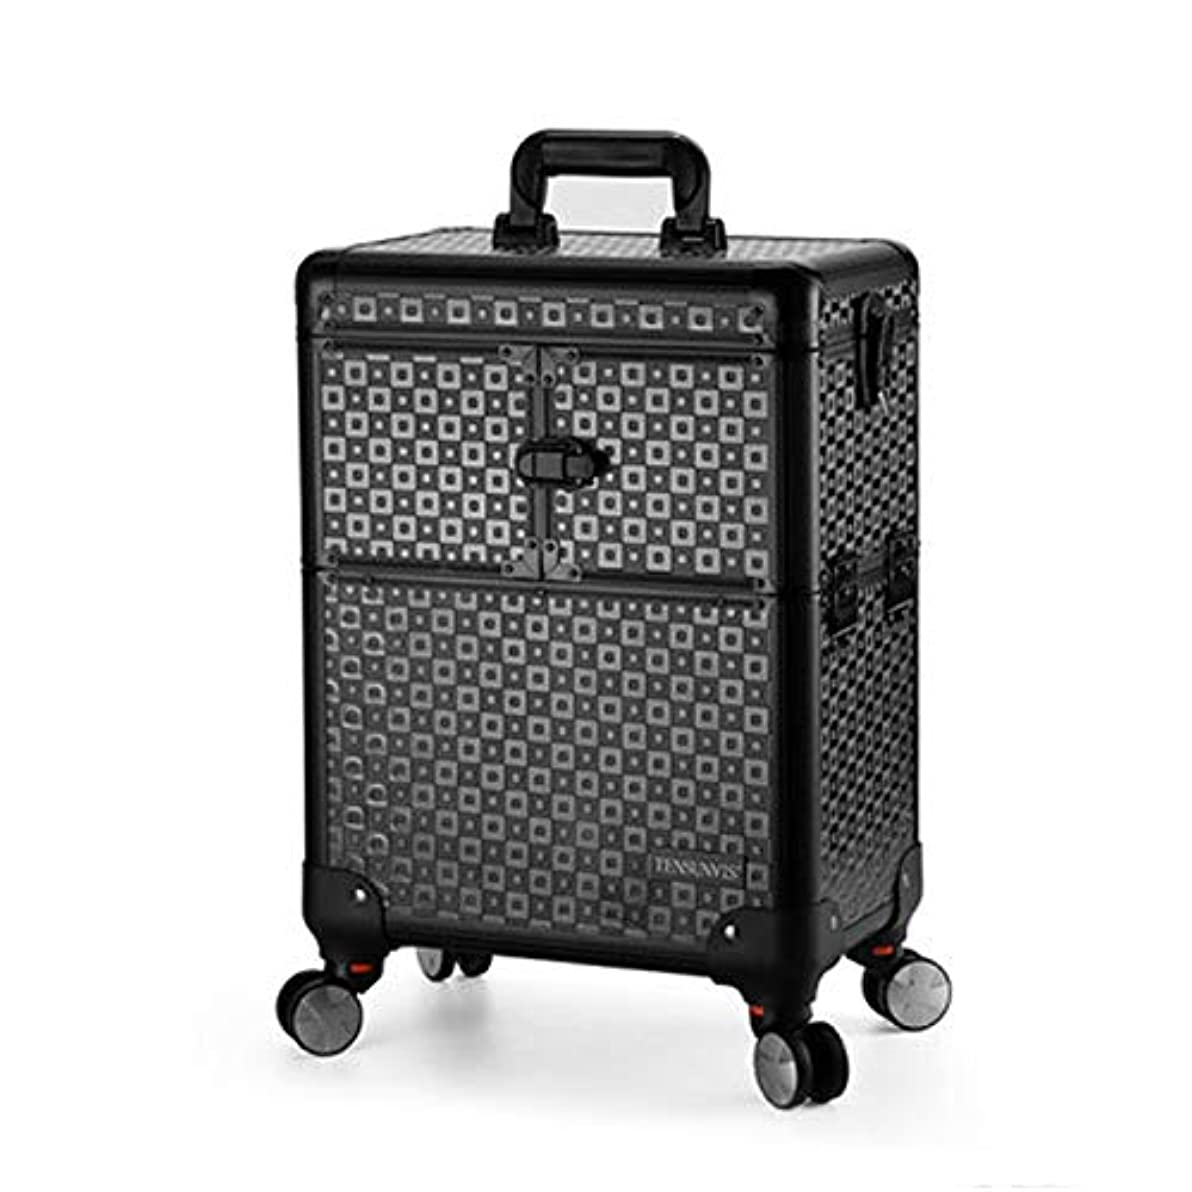 破壊フロンティア居住者プロ専用 美容師 クローゼット スーツケース メイクボックス キャリーバッグ ヘアメイク プロ 大容量 軽量 高品質 多機能 I-TT-4622-TB-T